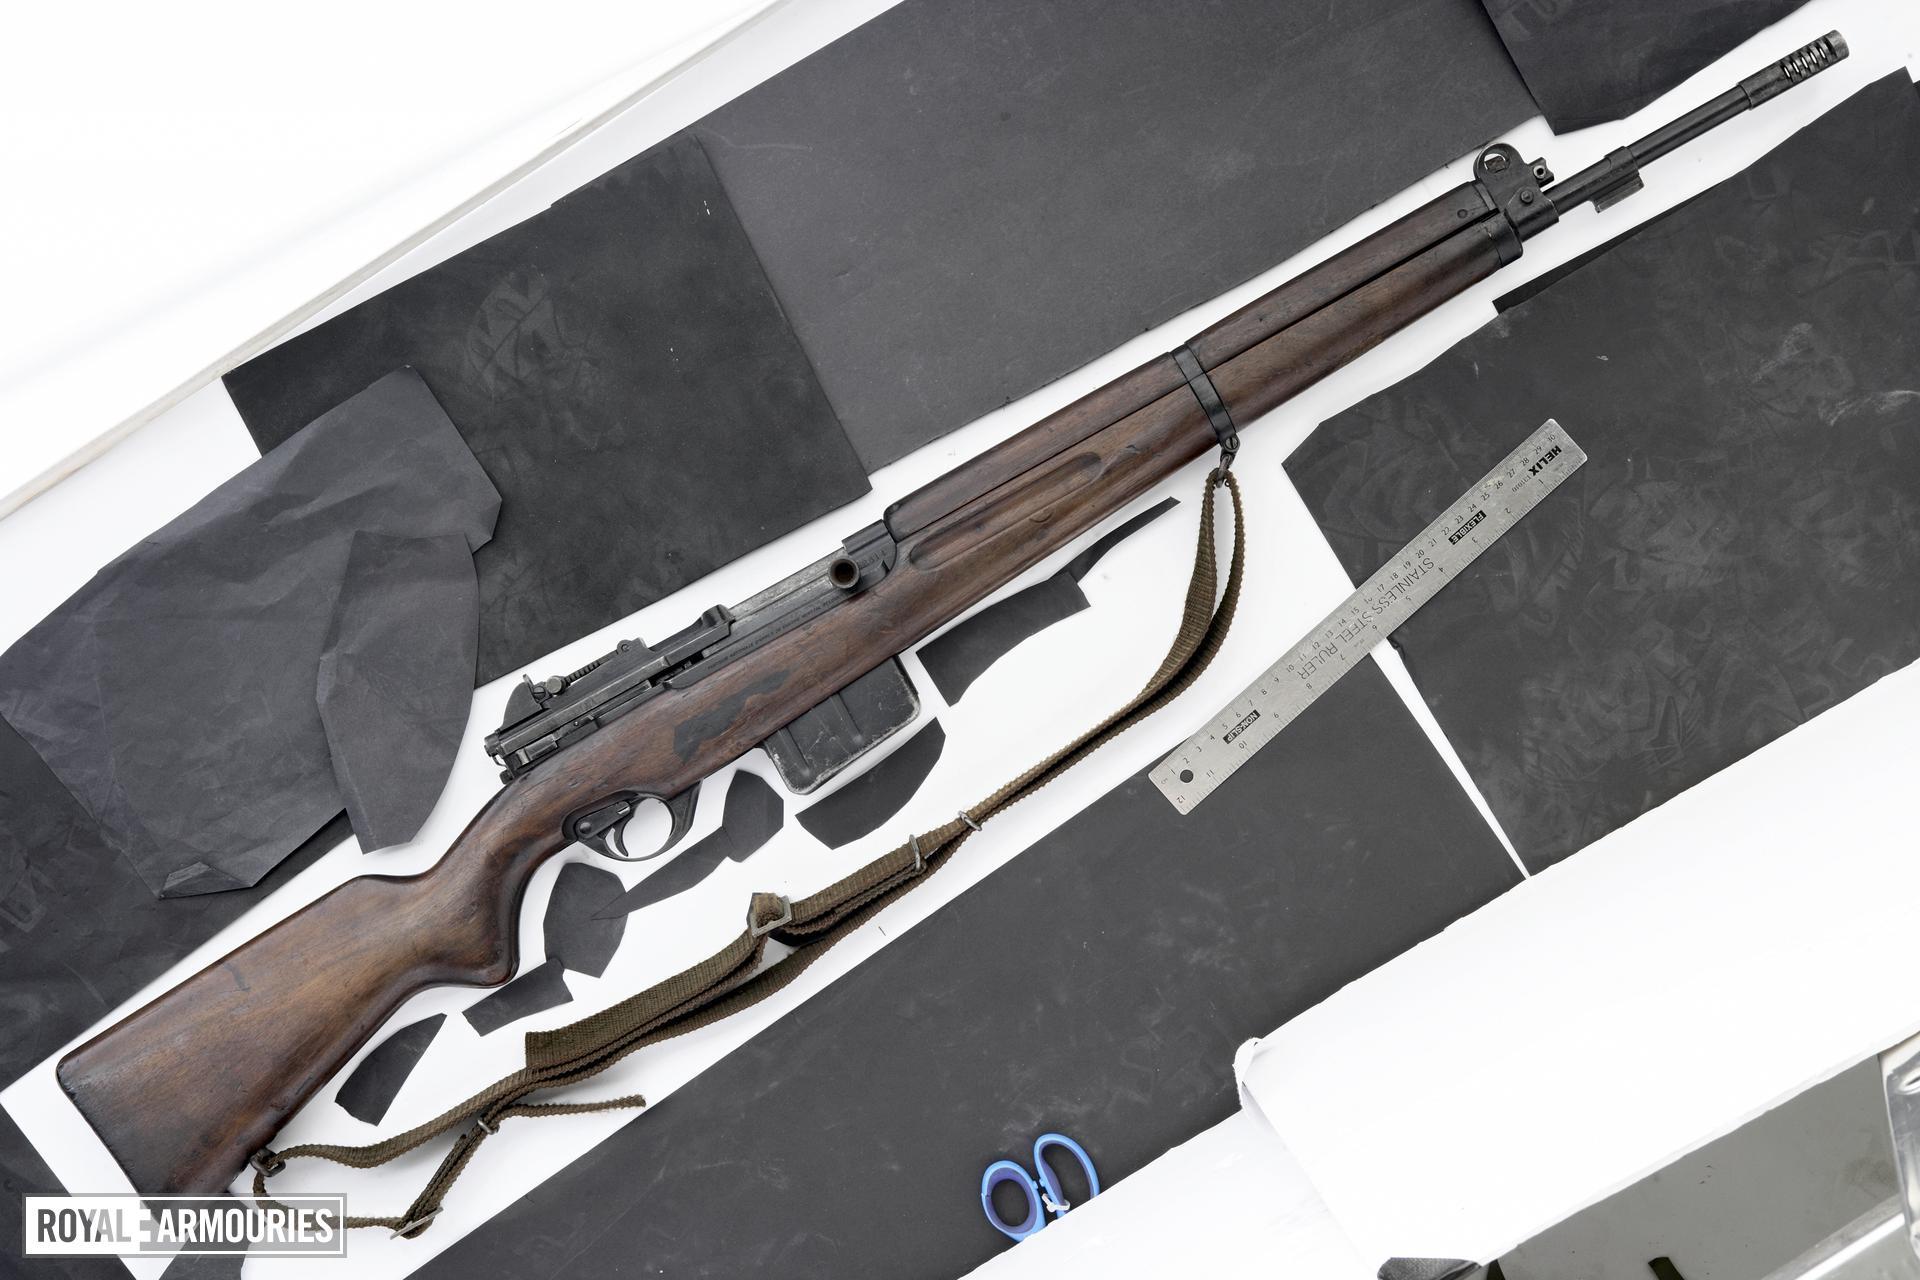 Centrefire self-loading rifle - FN SAFN Model 1949